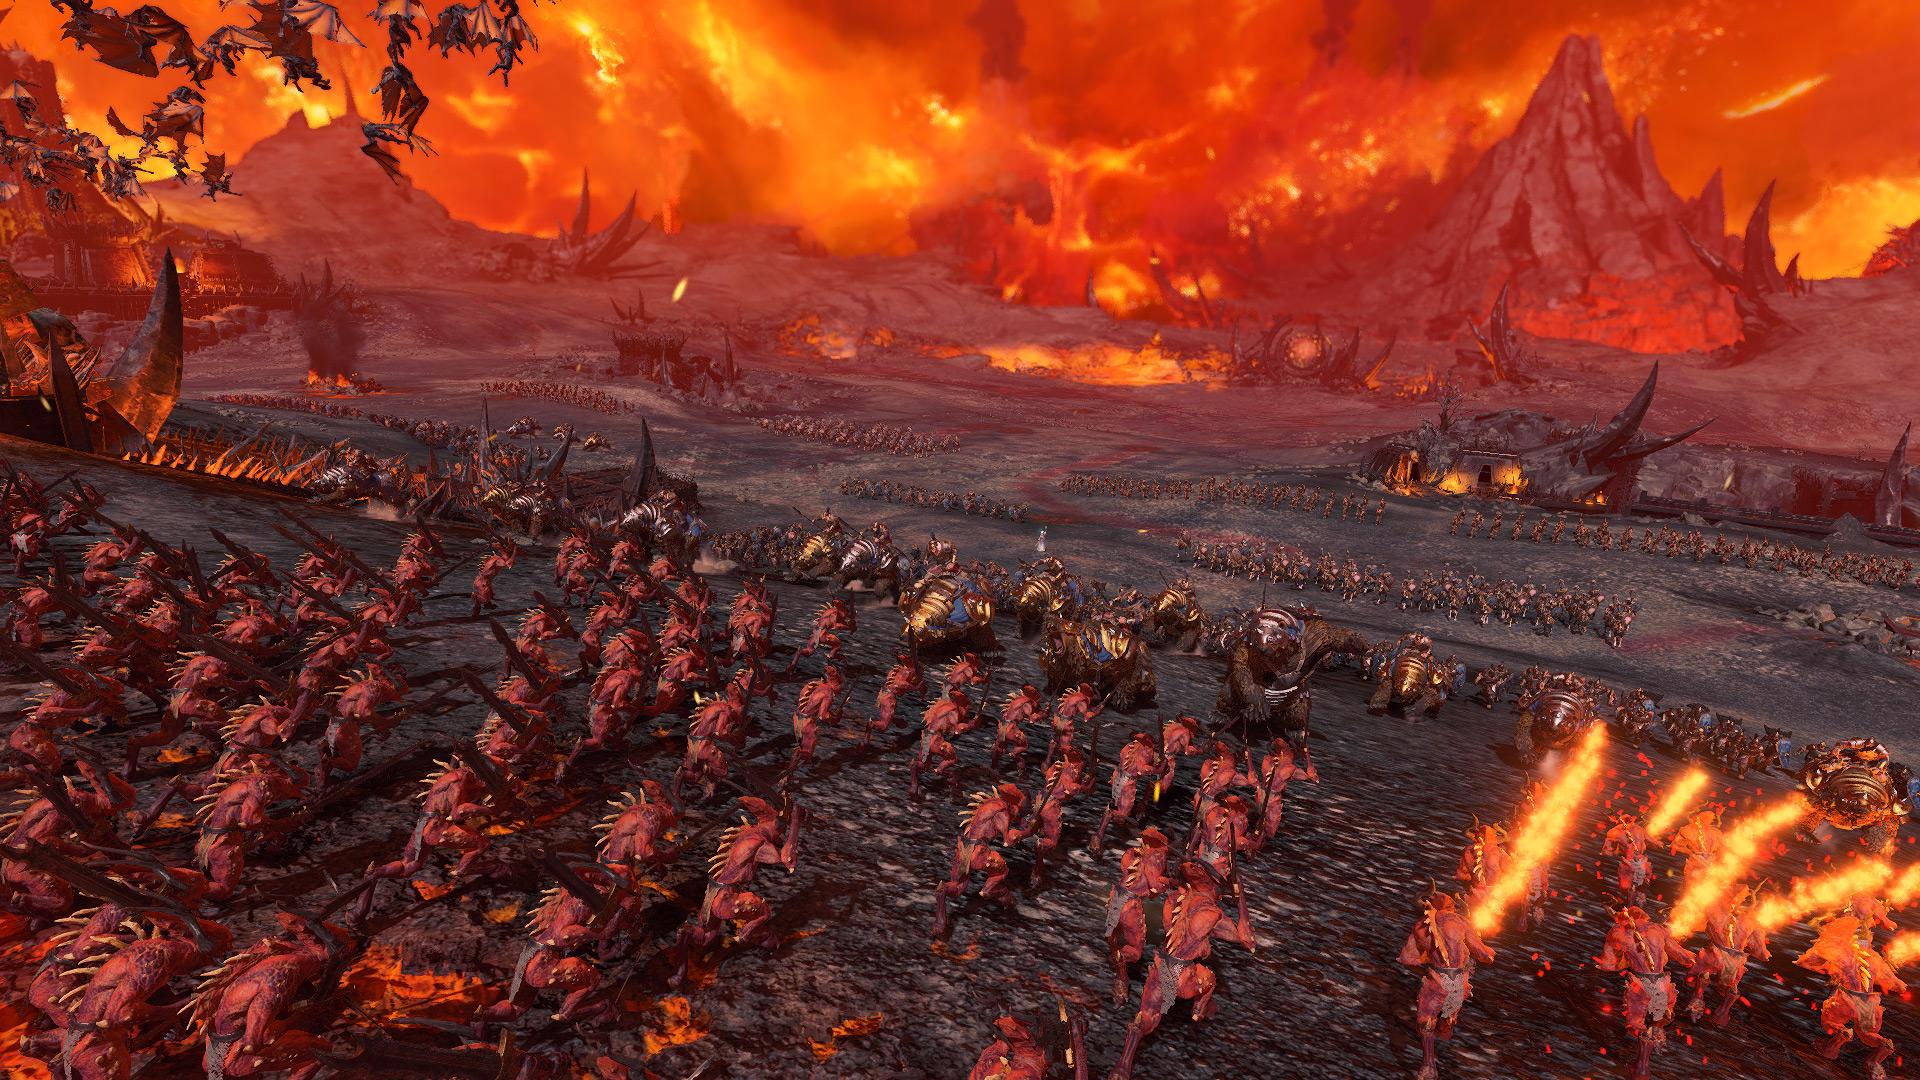 Копи и строй — Впечатления от Survival Battles в Total War: Warhammer 3